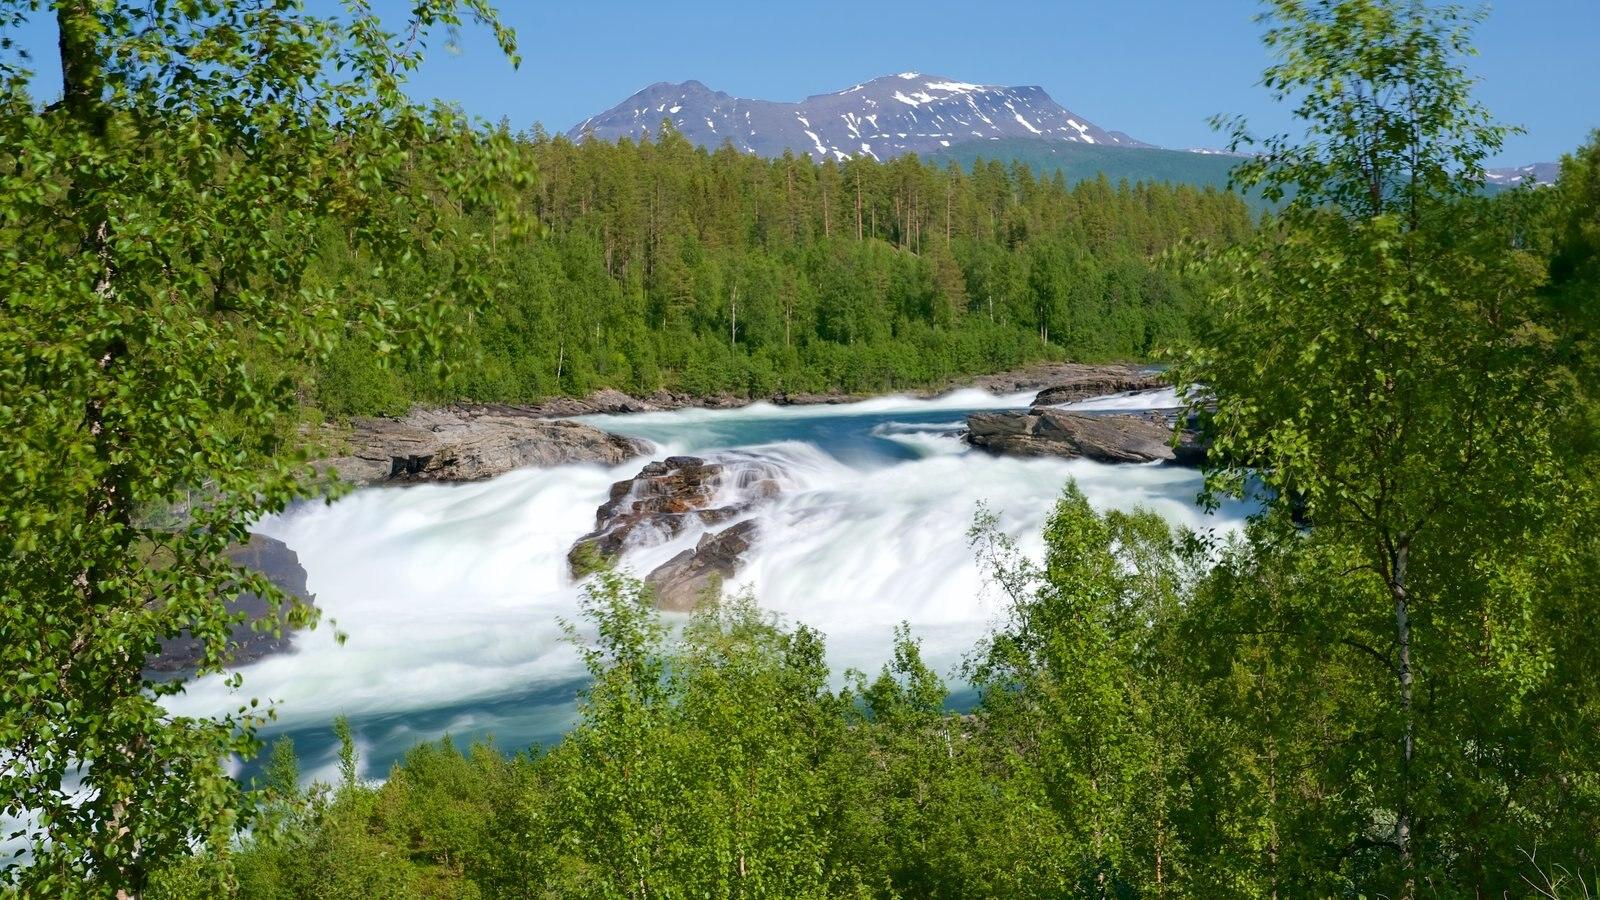 Maalselvfossen Waterfall showing forest scenes and rapids